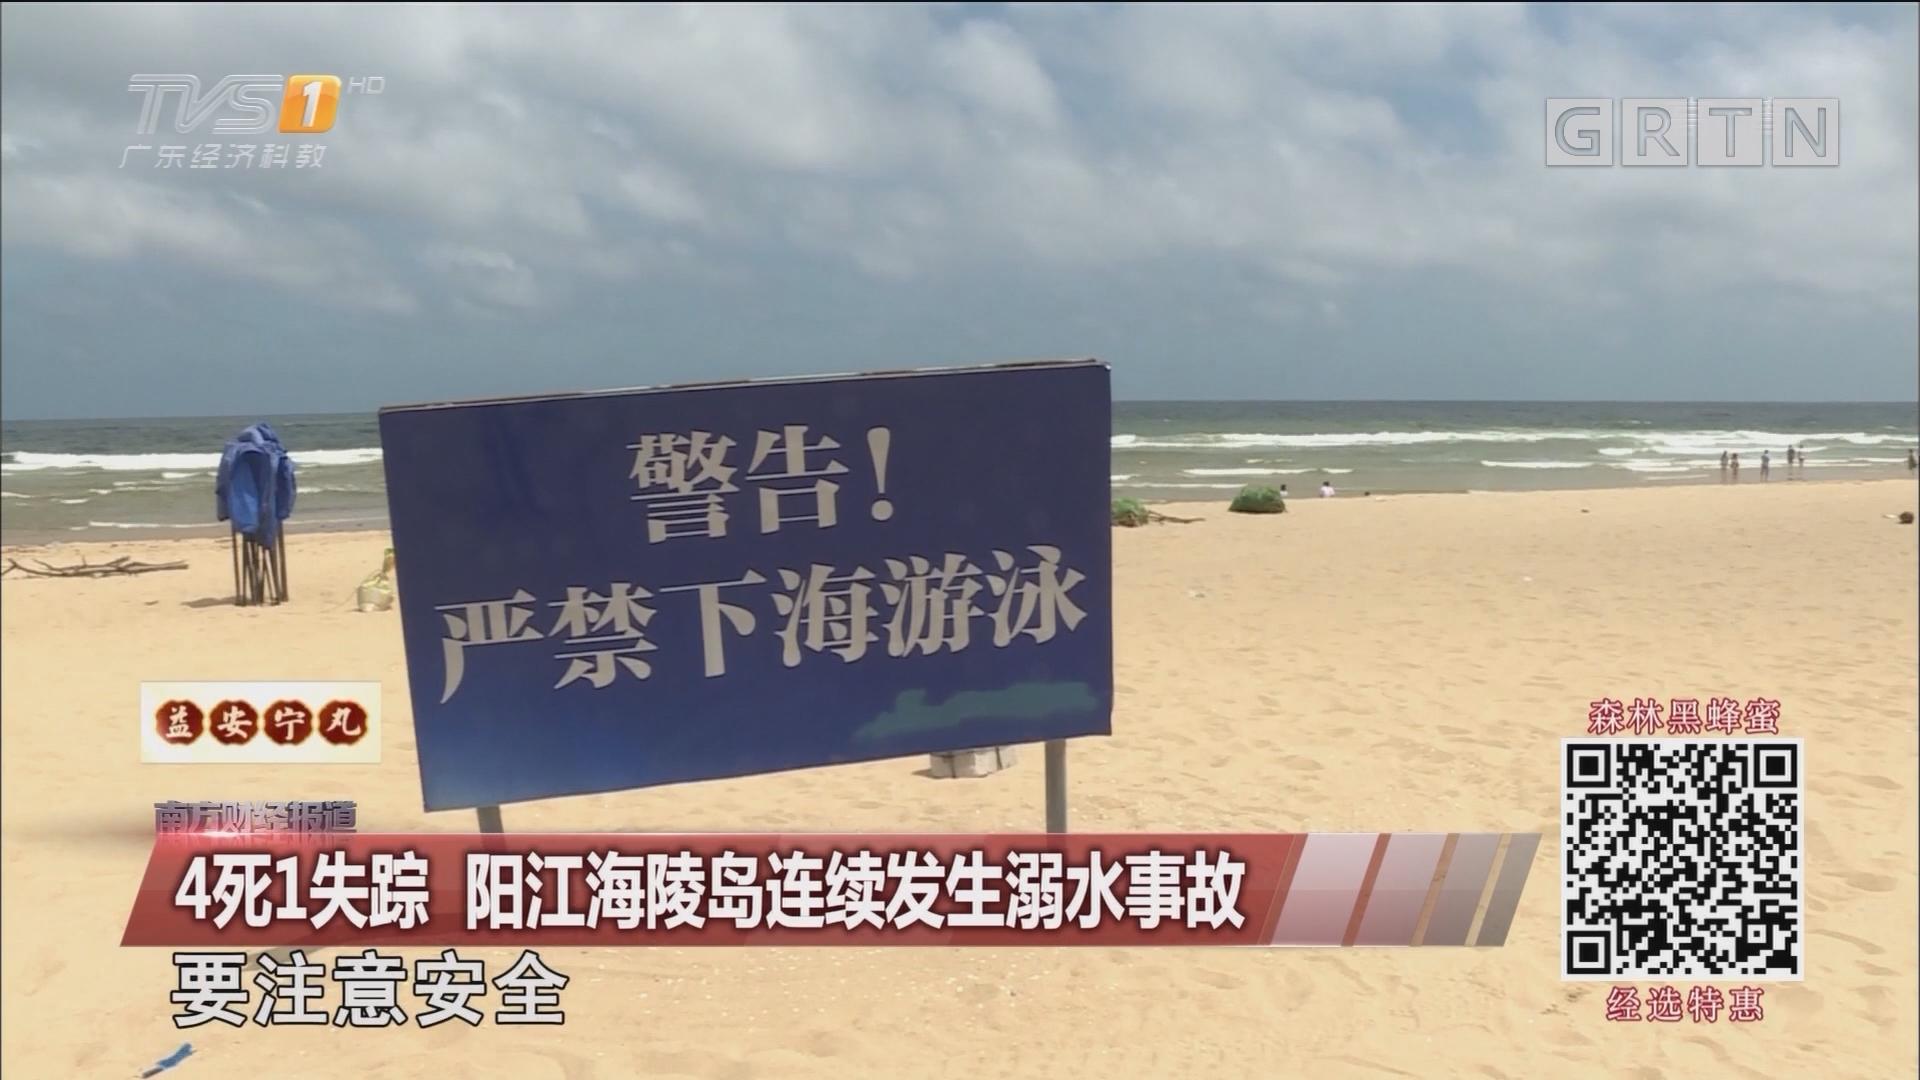 4死1失踪 阳江海陵岛连续发生溺水事故